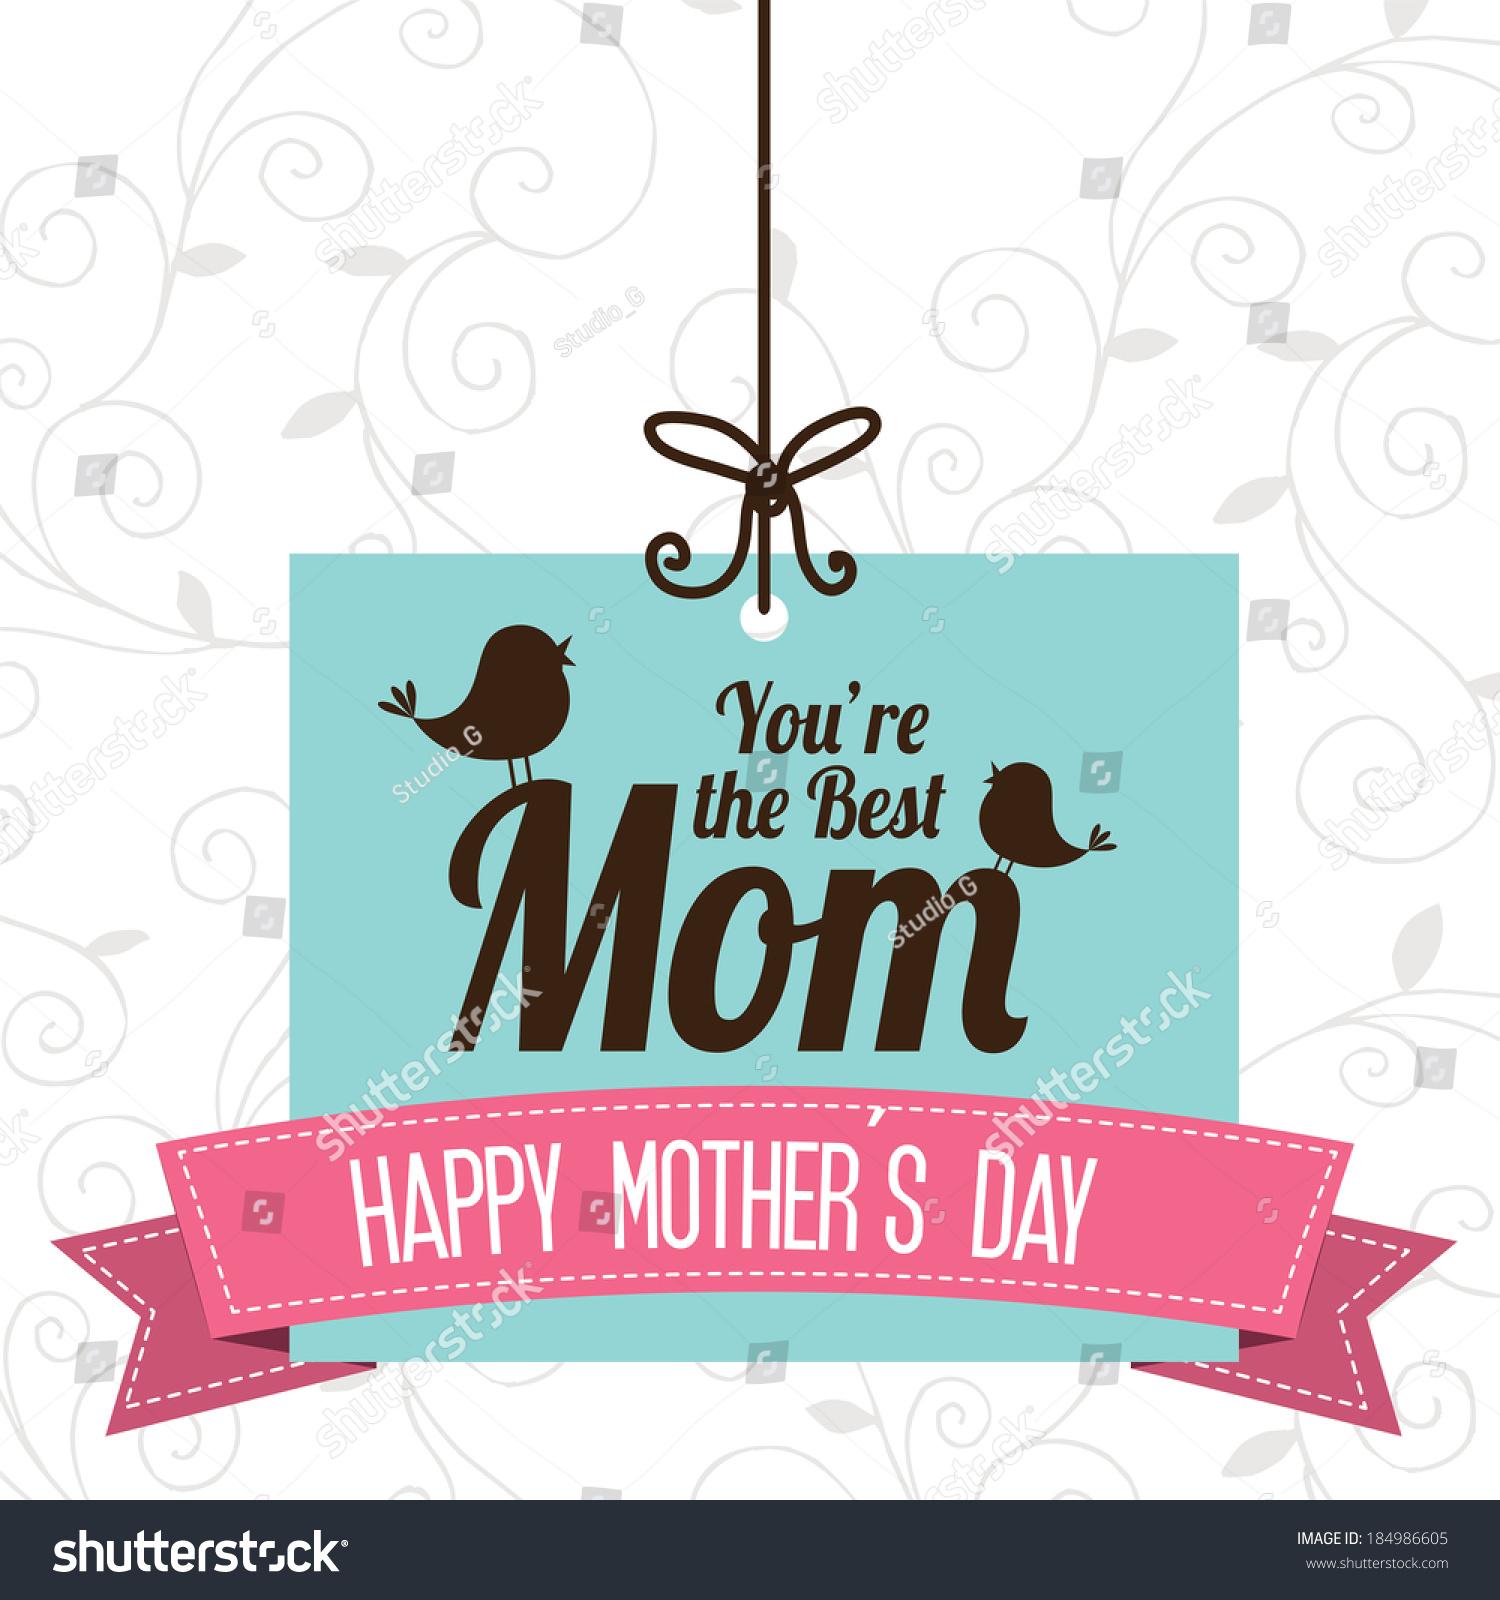 母亲节的设计背景,白色背景,矢量插图-背景/素材,假期